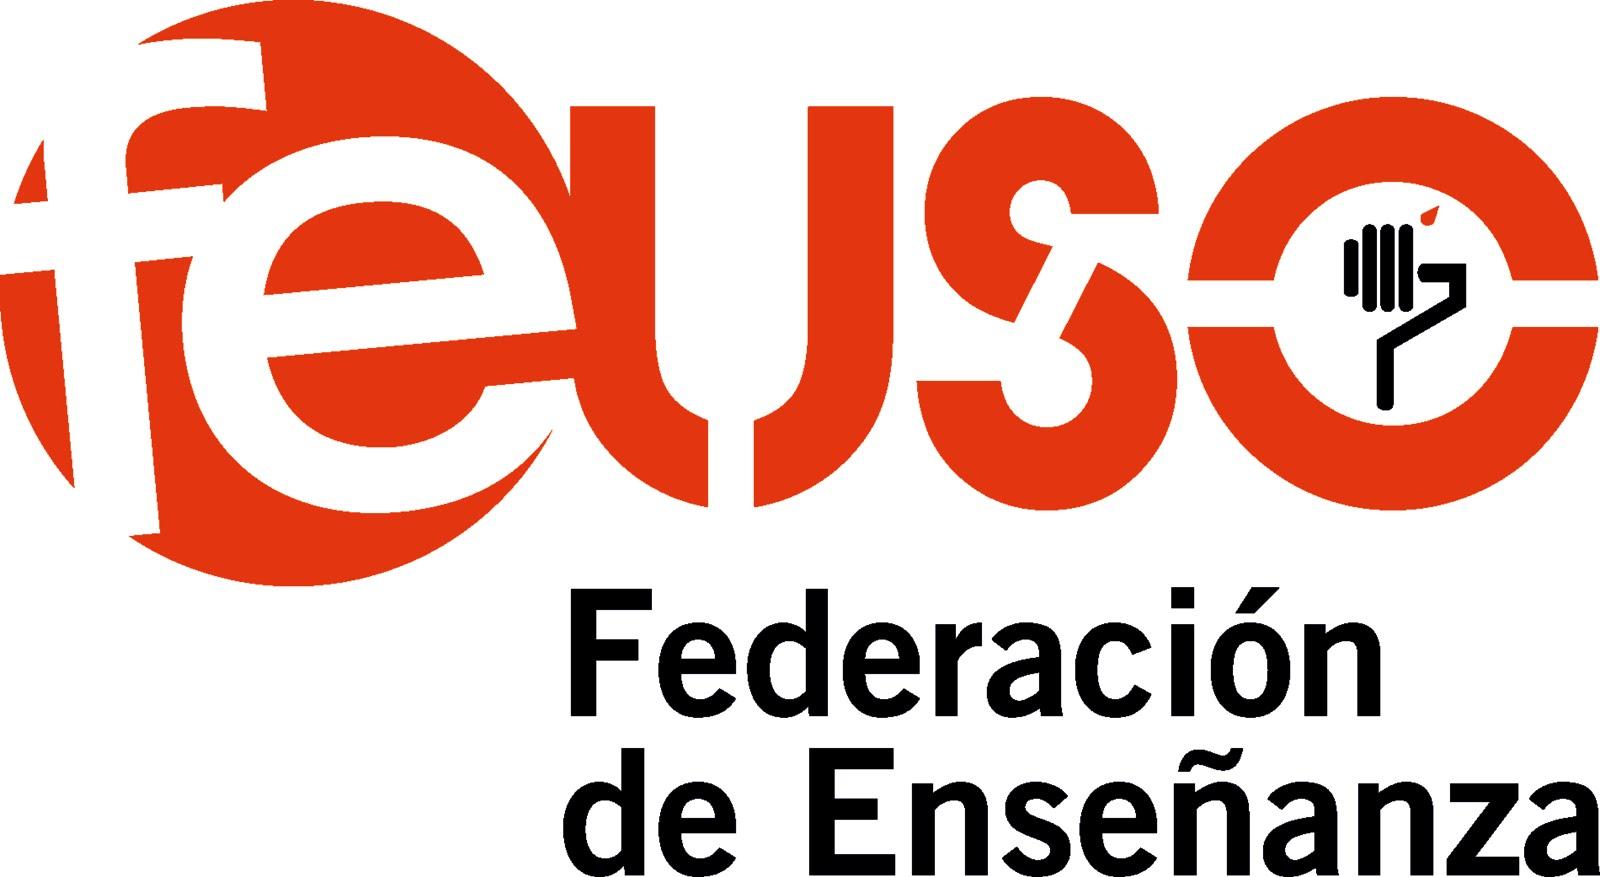 Federación de Enseñanza